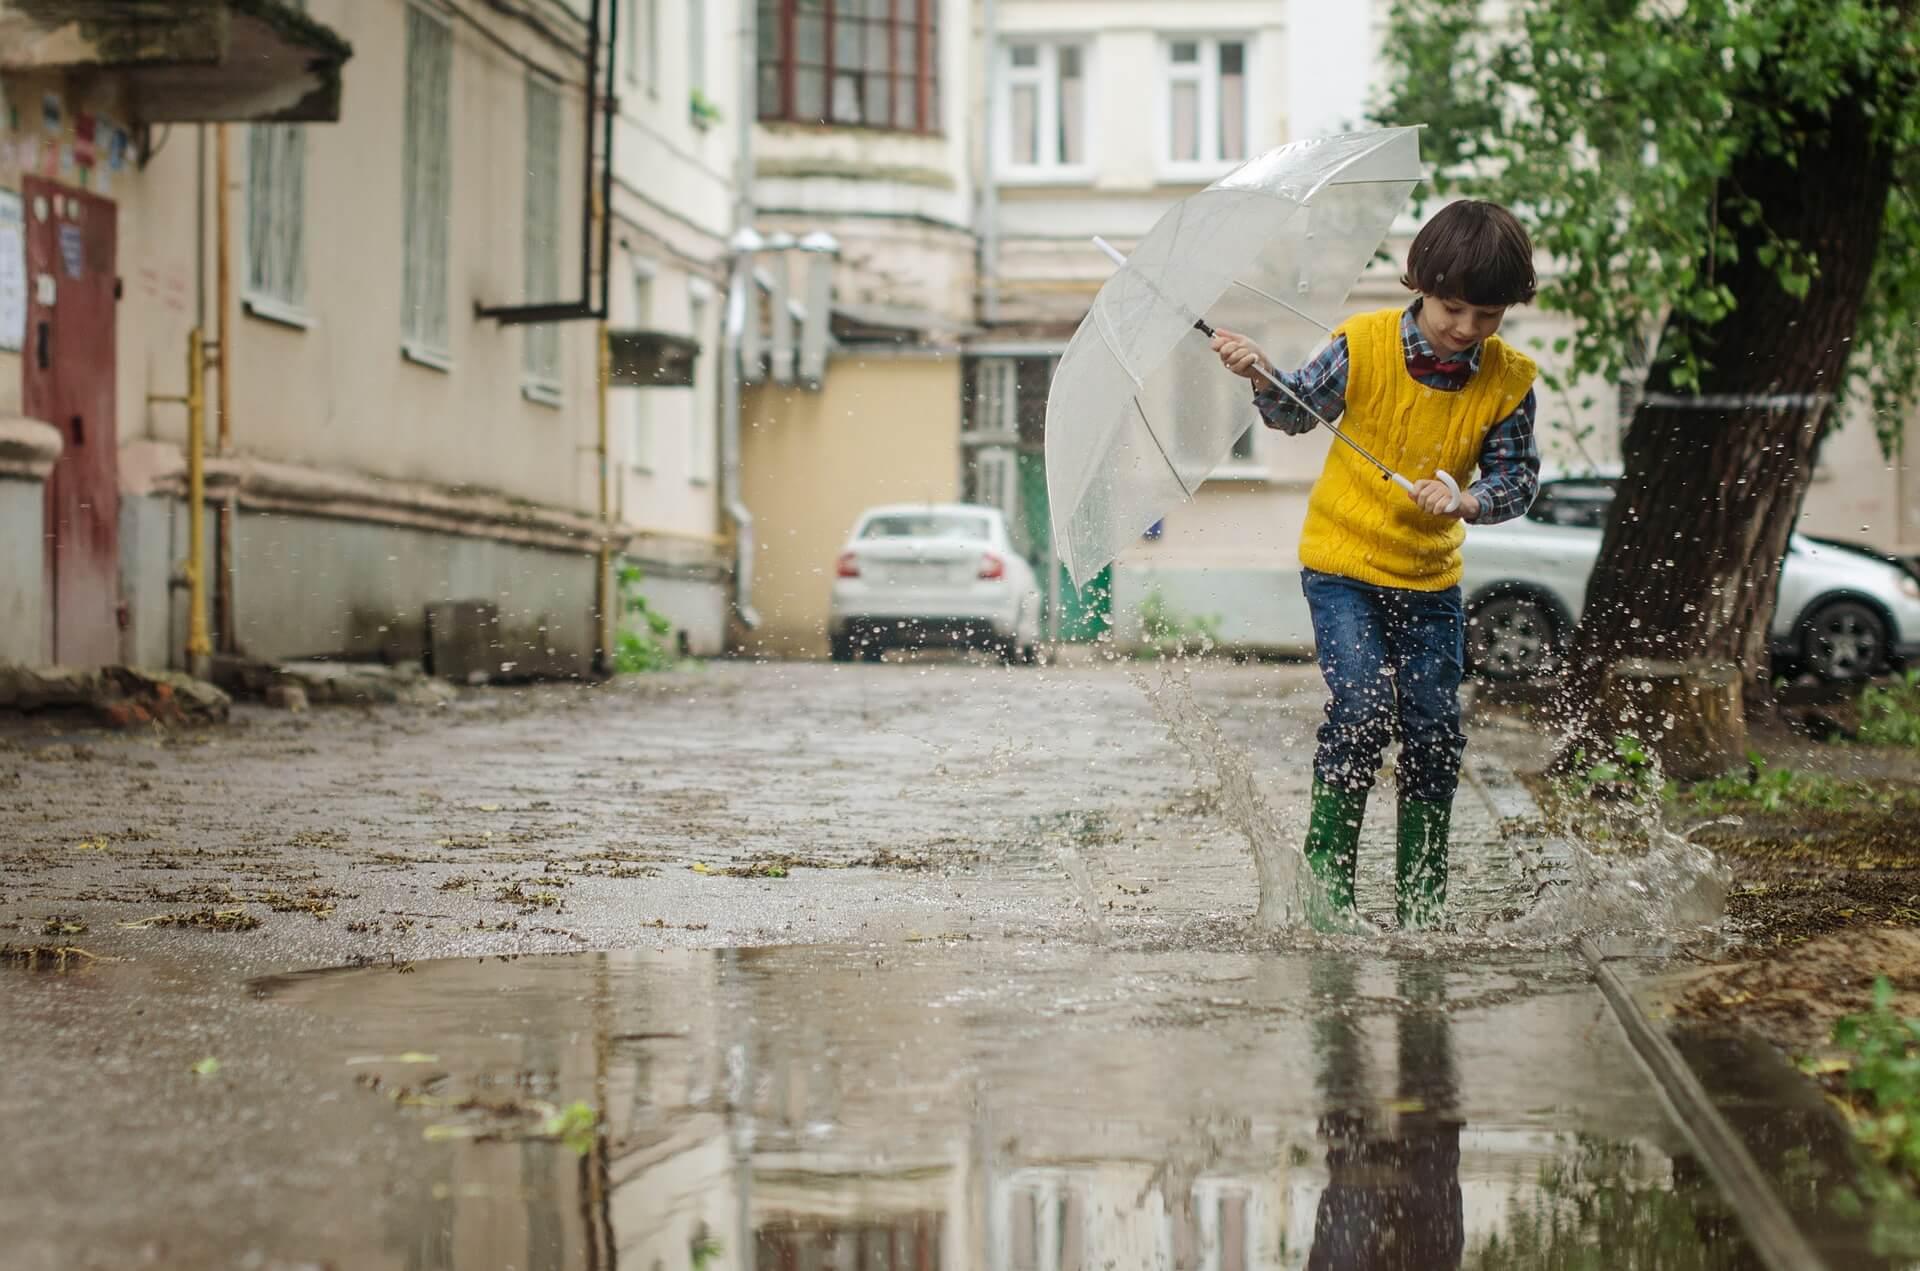 बिहिबारसम्म हावाहुरी, चट्याङ र असिनासहित वर्षा हुनसक्ने (३ दिनको जानकारी)